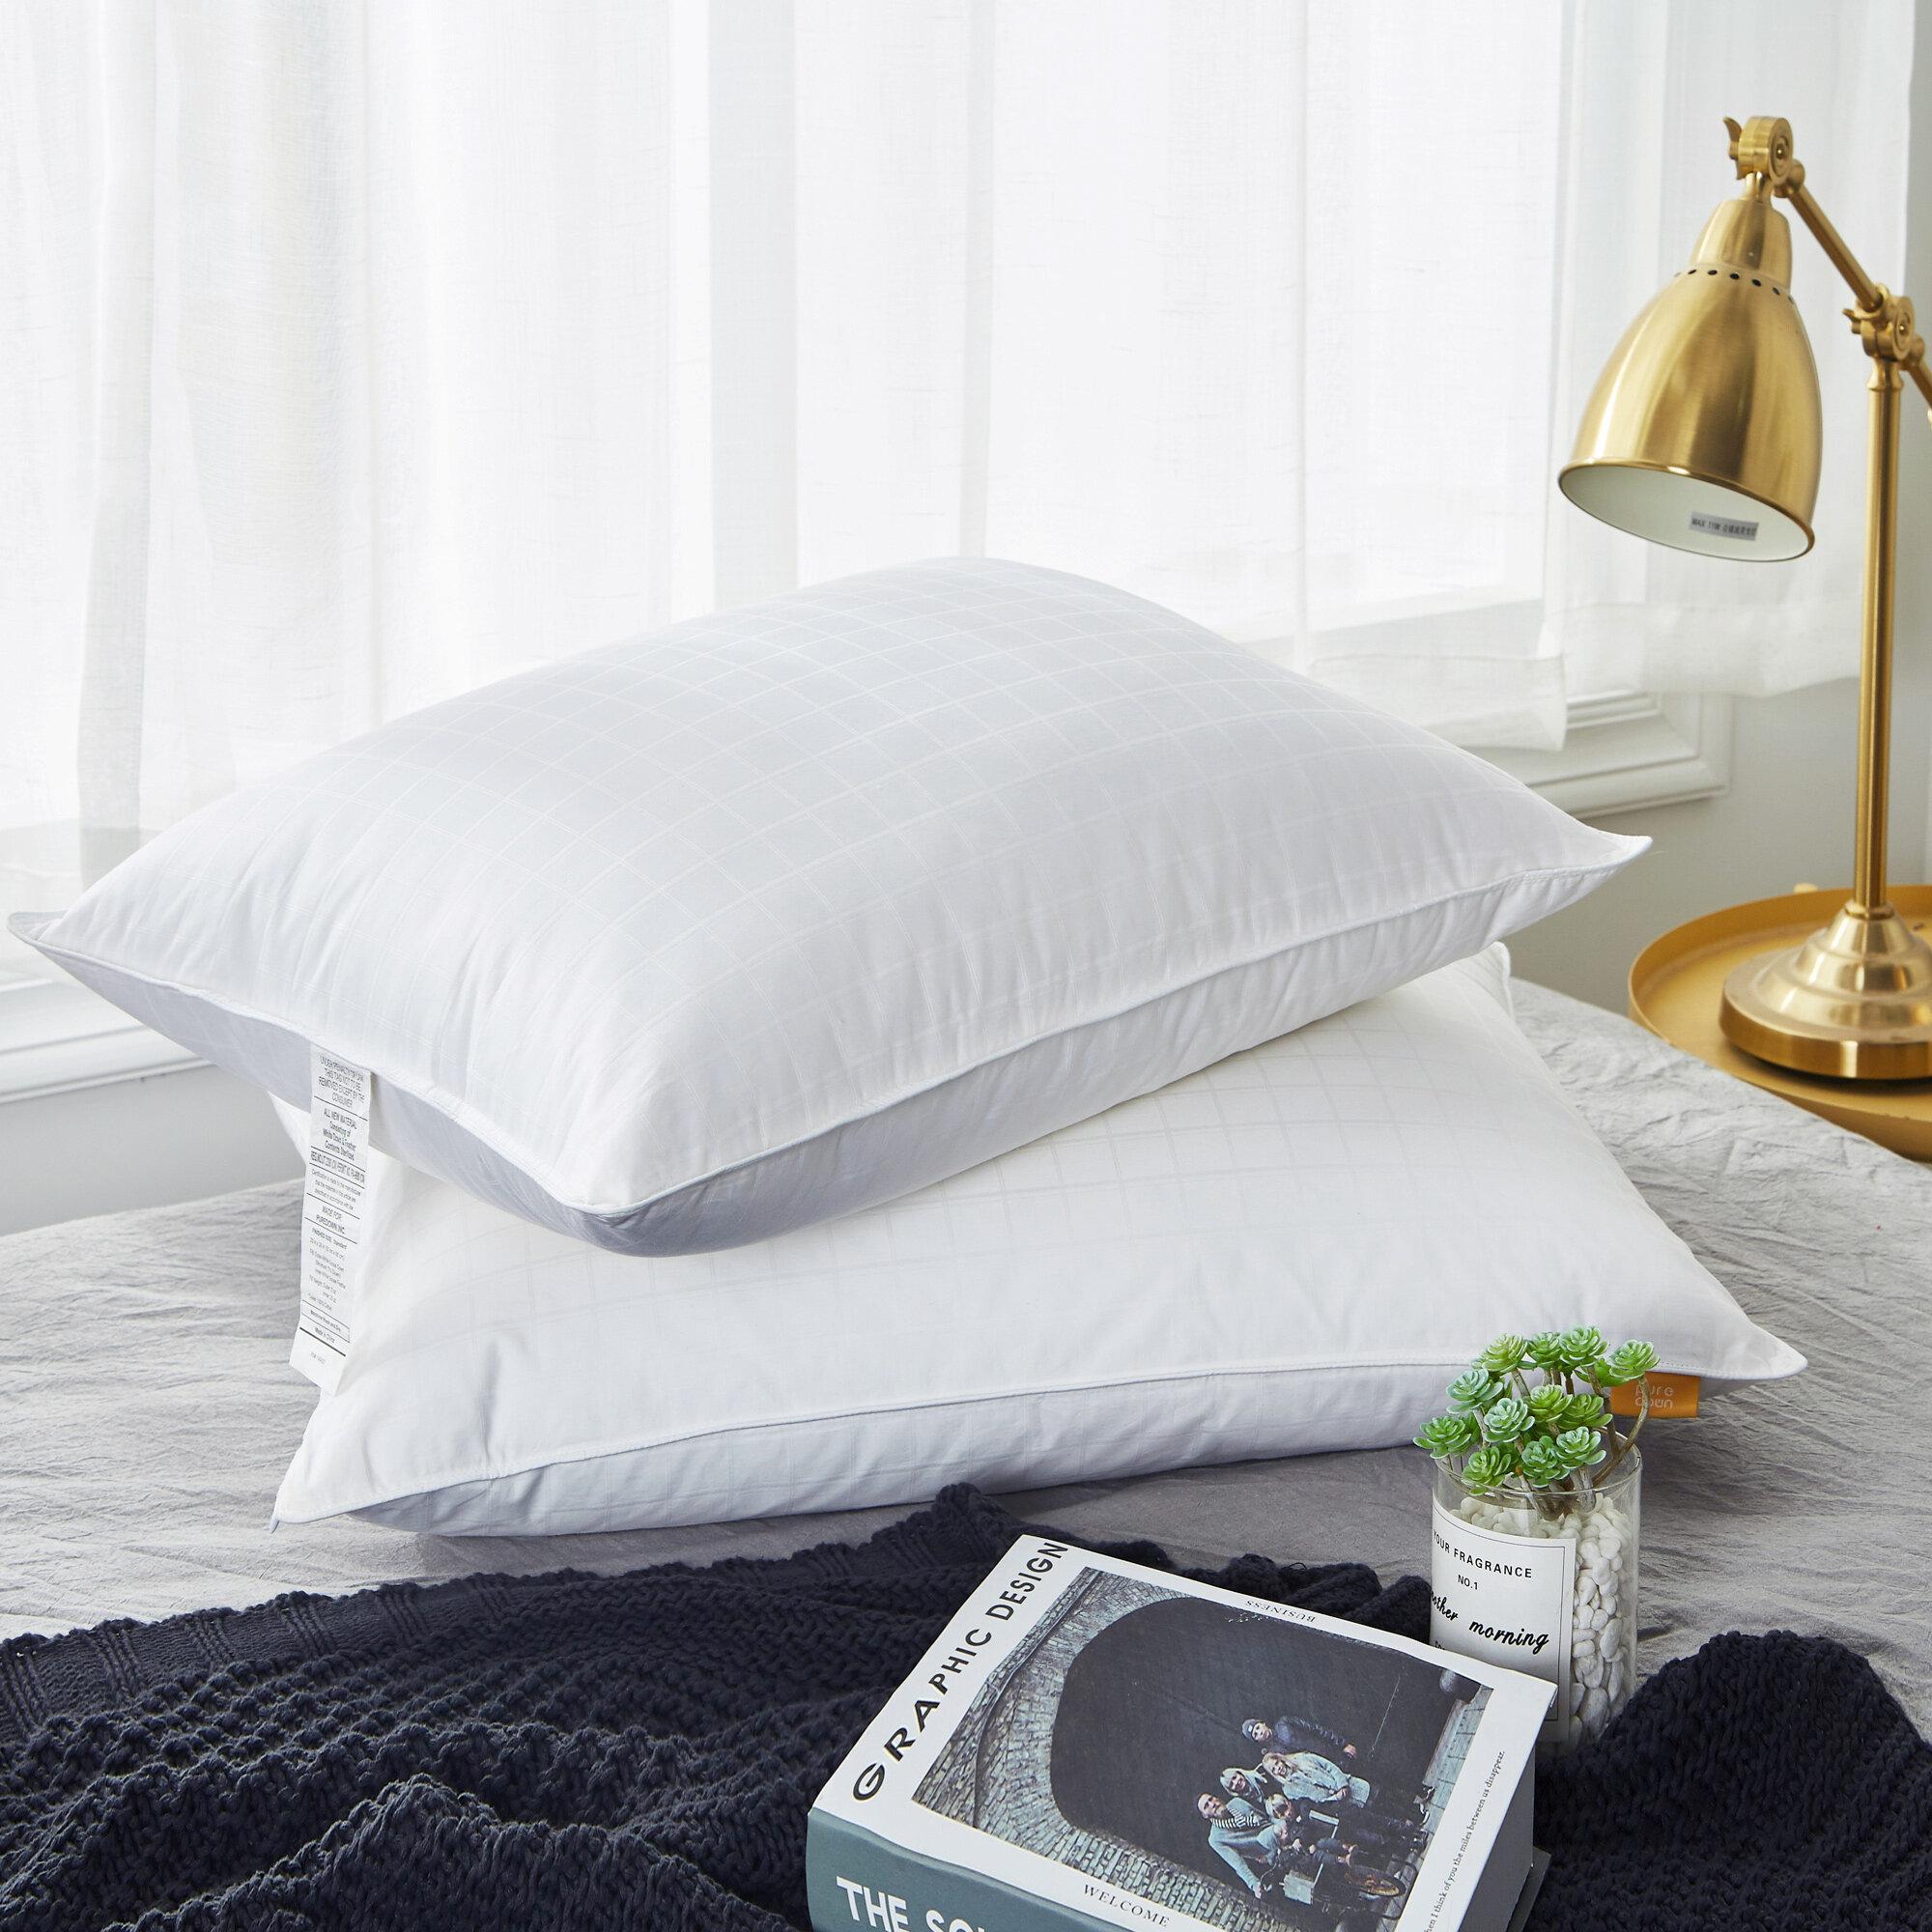 STANDARD SIZE MEDIUM PILLOW 95/% SIBERIAN DUCK DOWN BETTER THAN HOTEL QUALITY